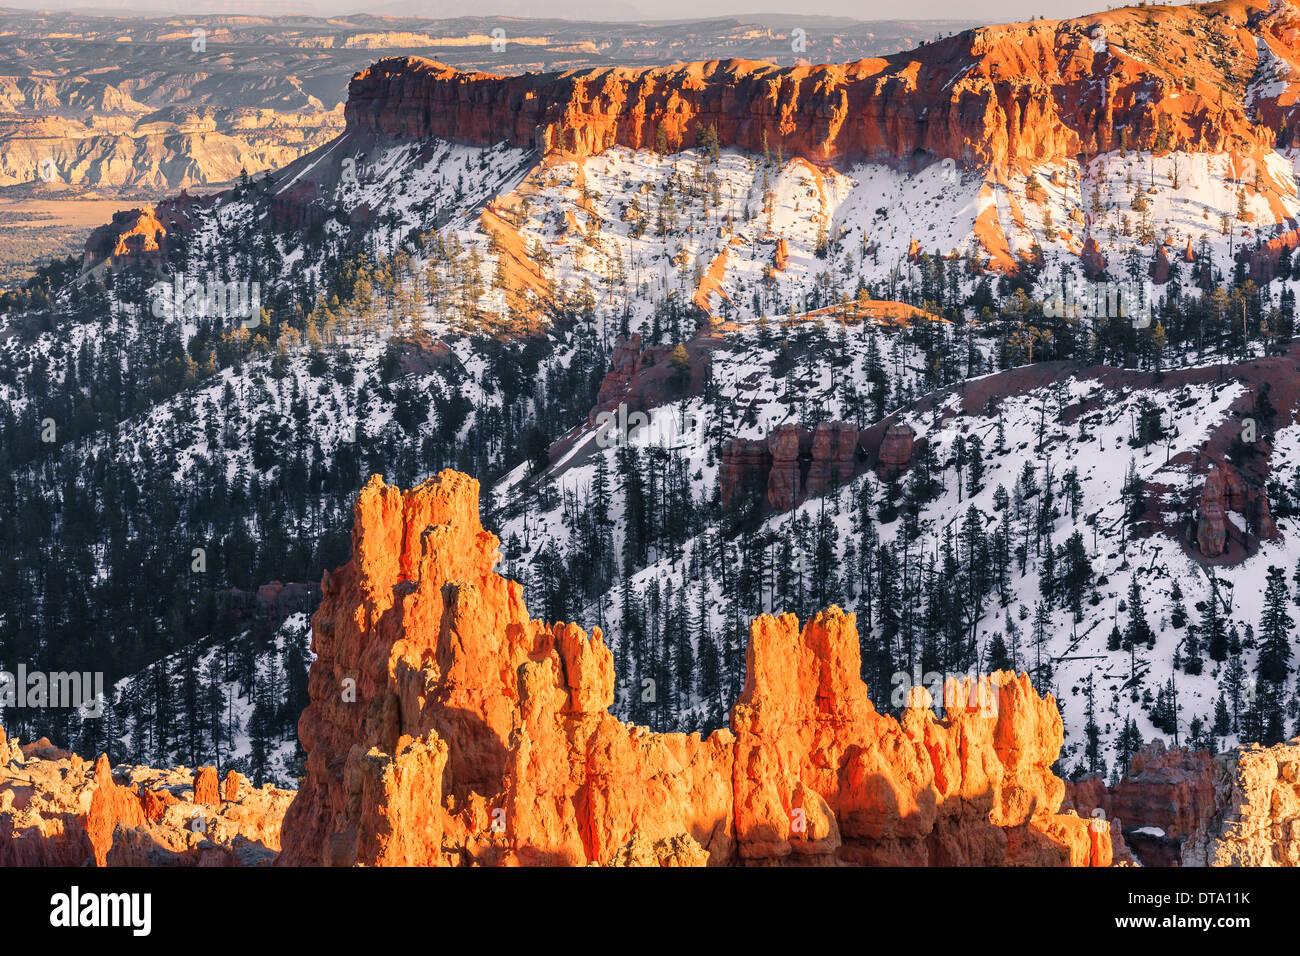 Puesta de sol de invierno en el Parque Nacional de Bryce Canyon, Utah, EE.UU. Imagen De Stock